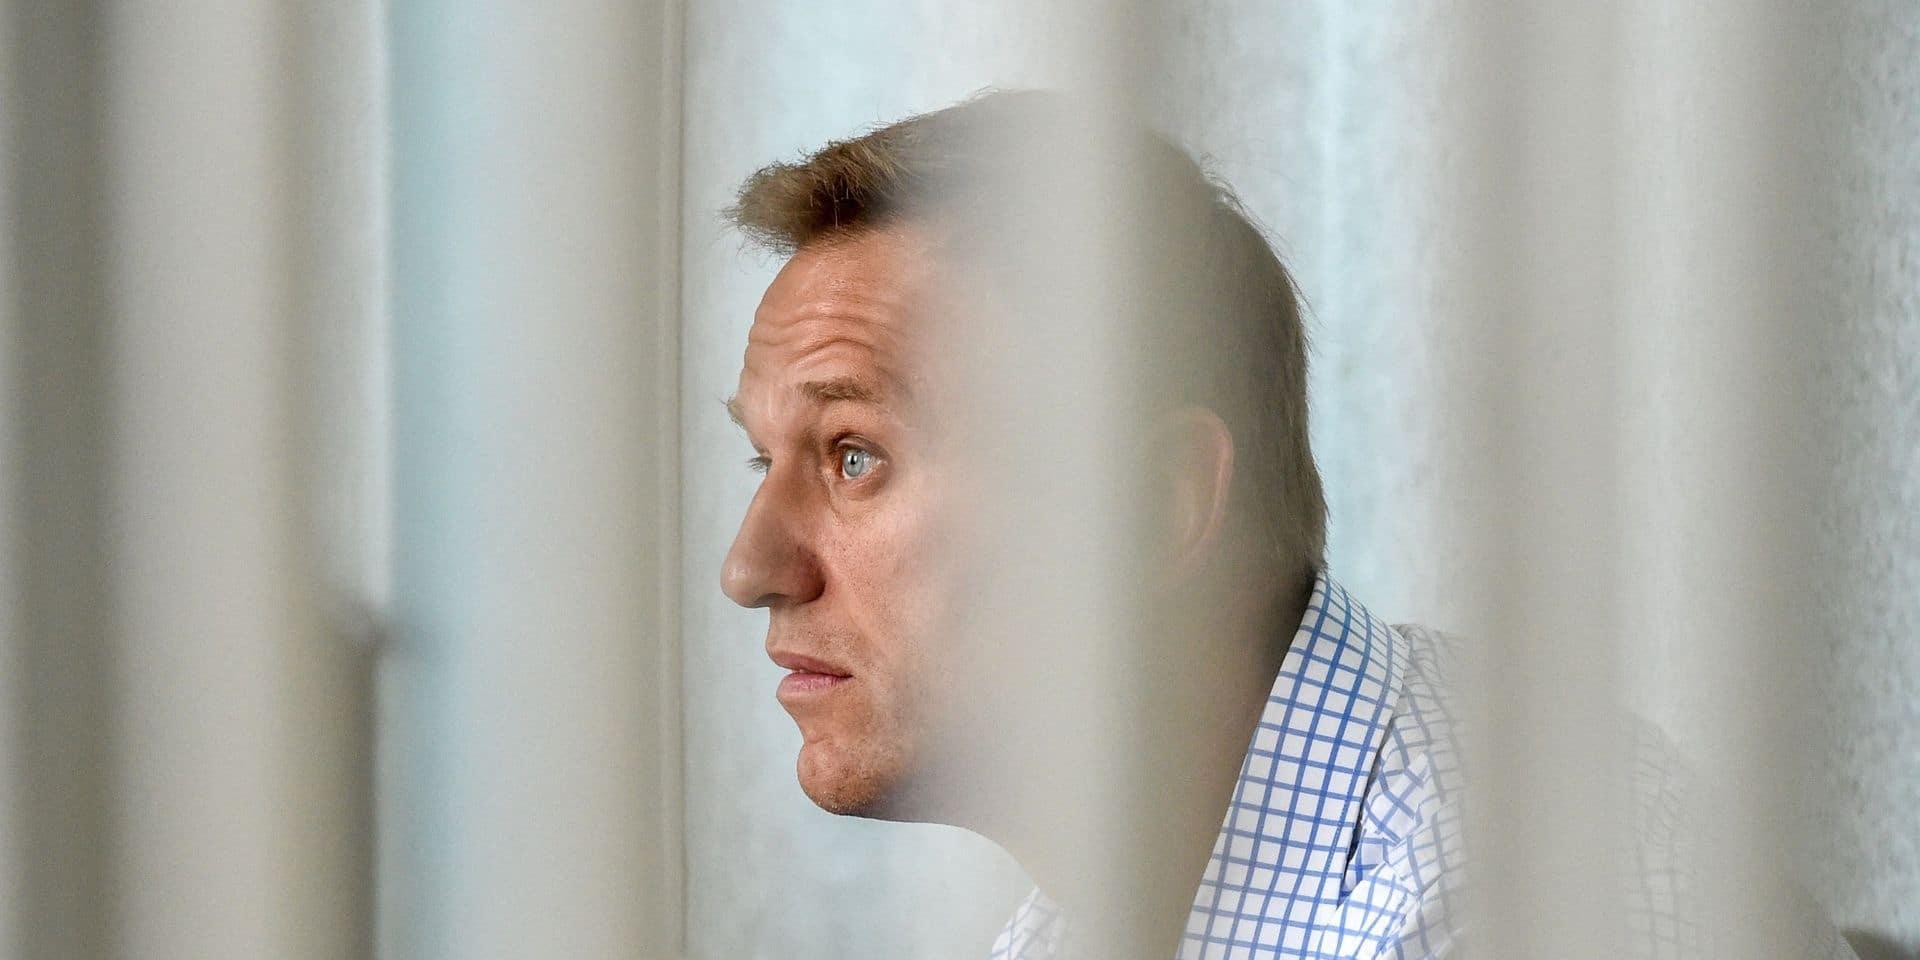 L'état de santé de Navalny revient à la normale après sa grève de la faim